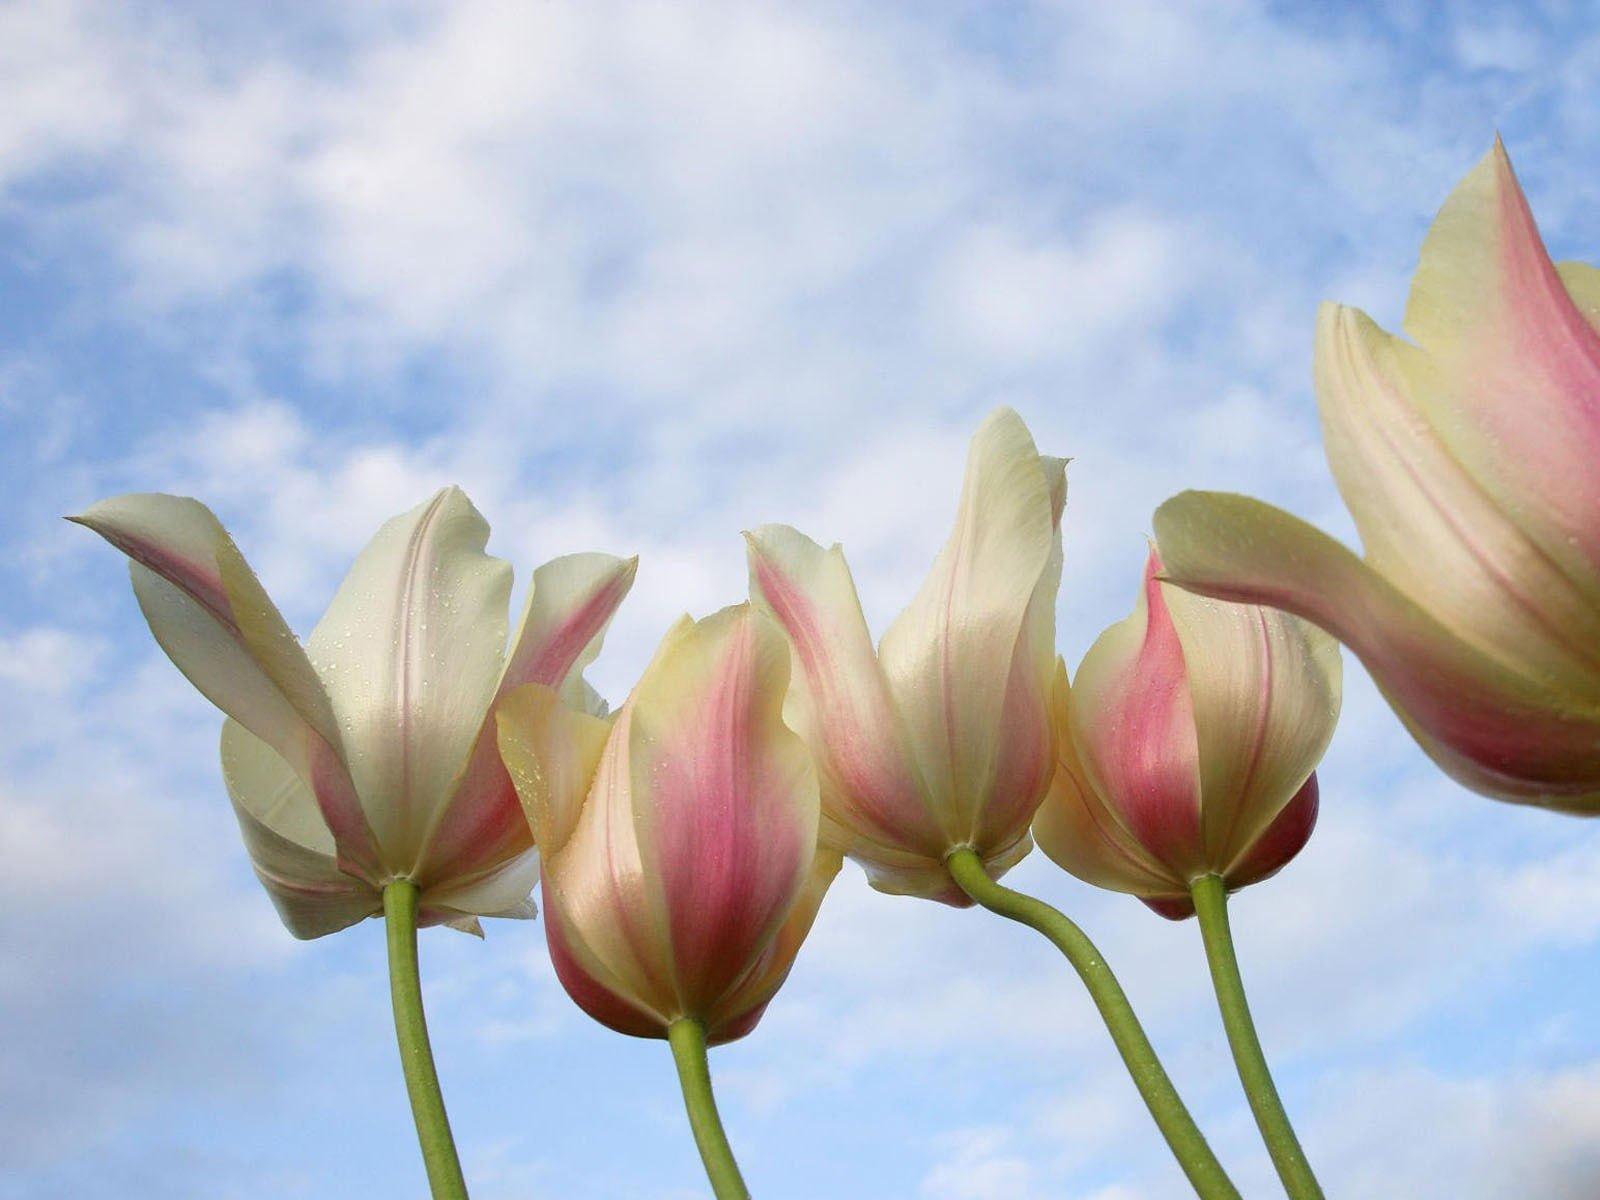 Çiçekler ve gökyüzü-95